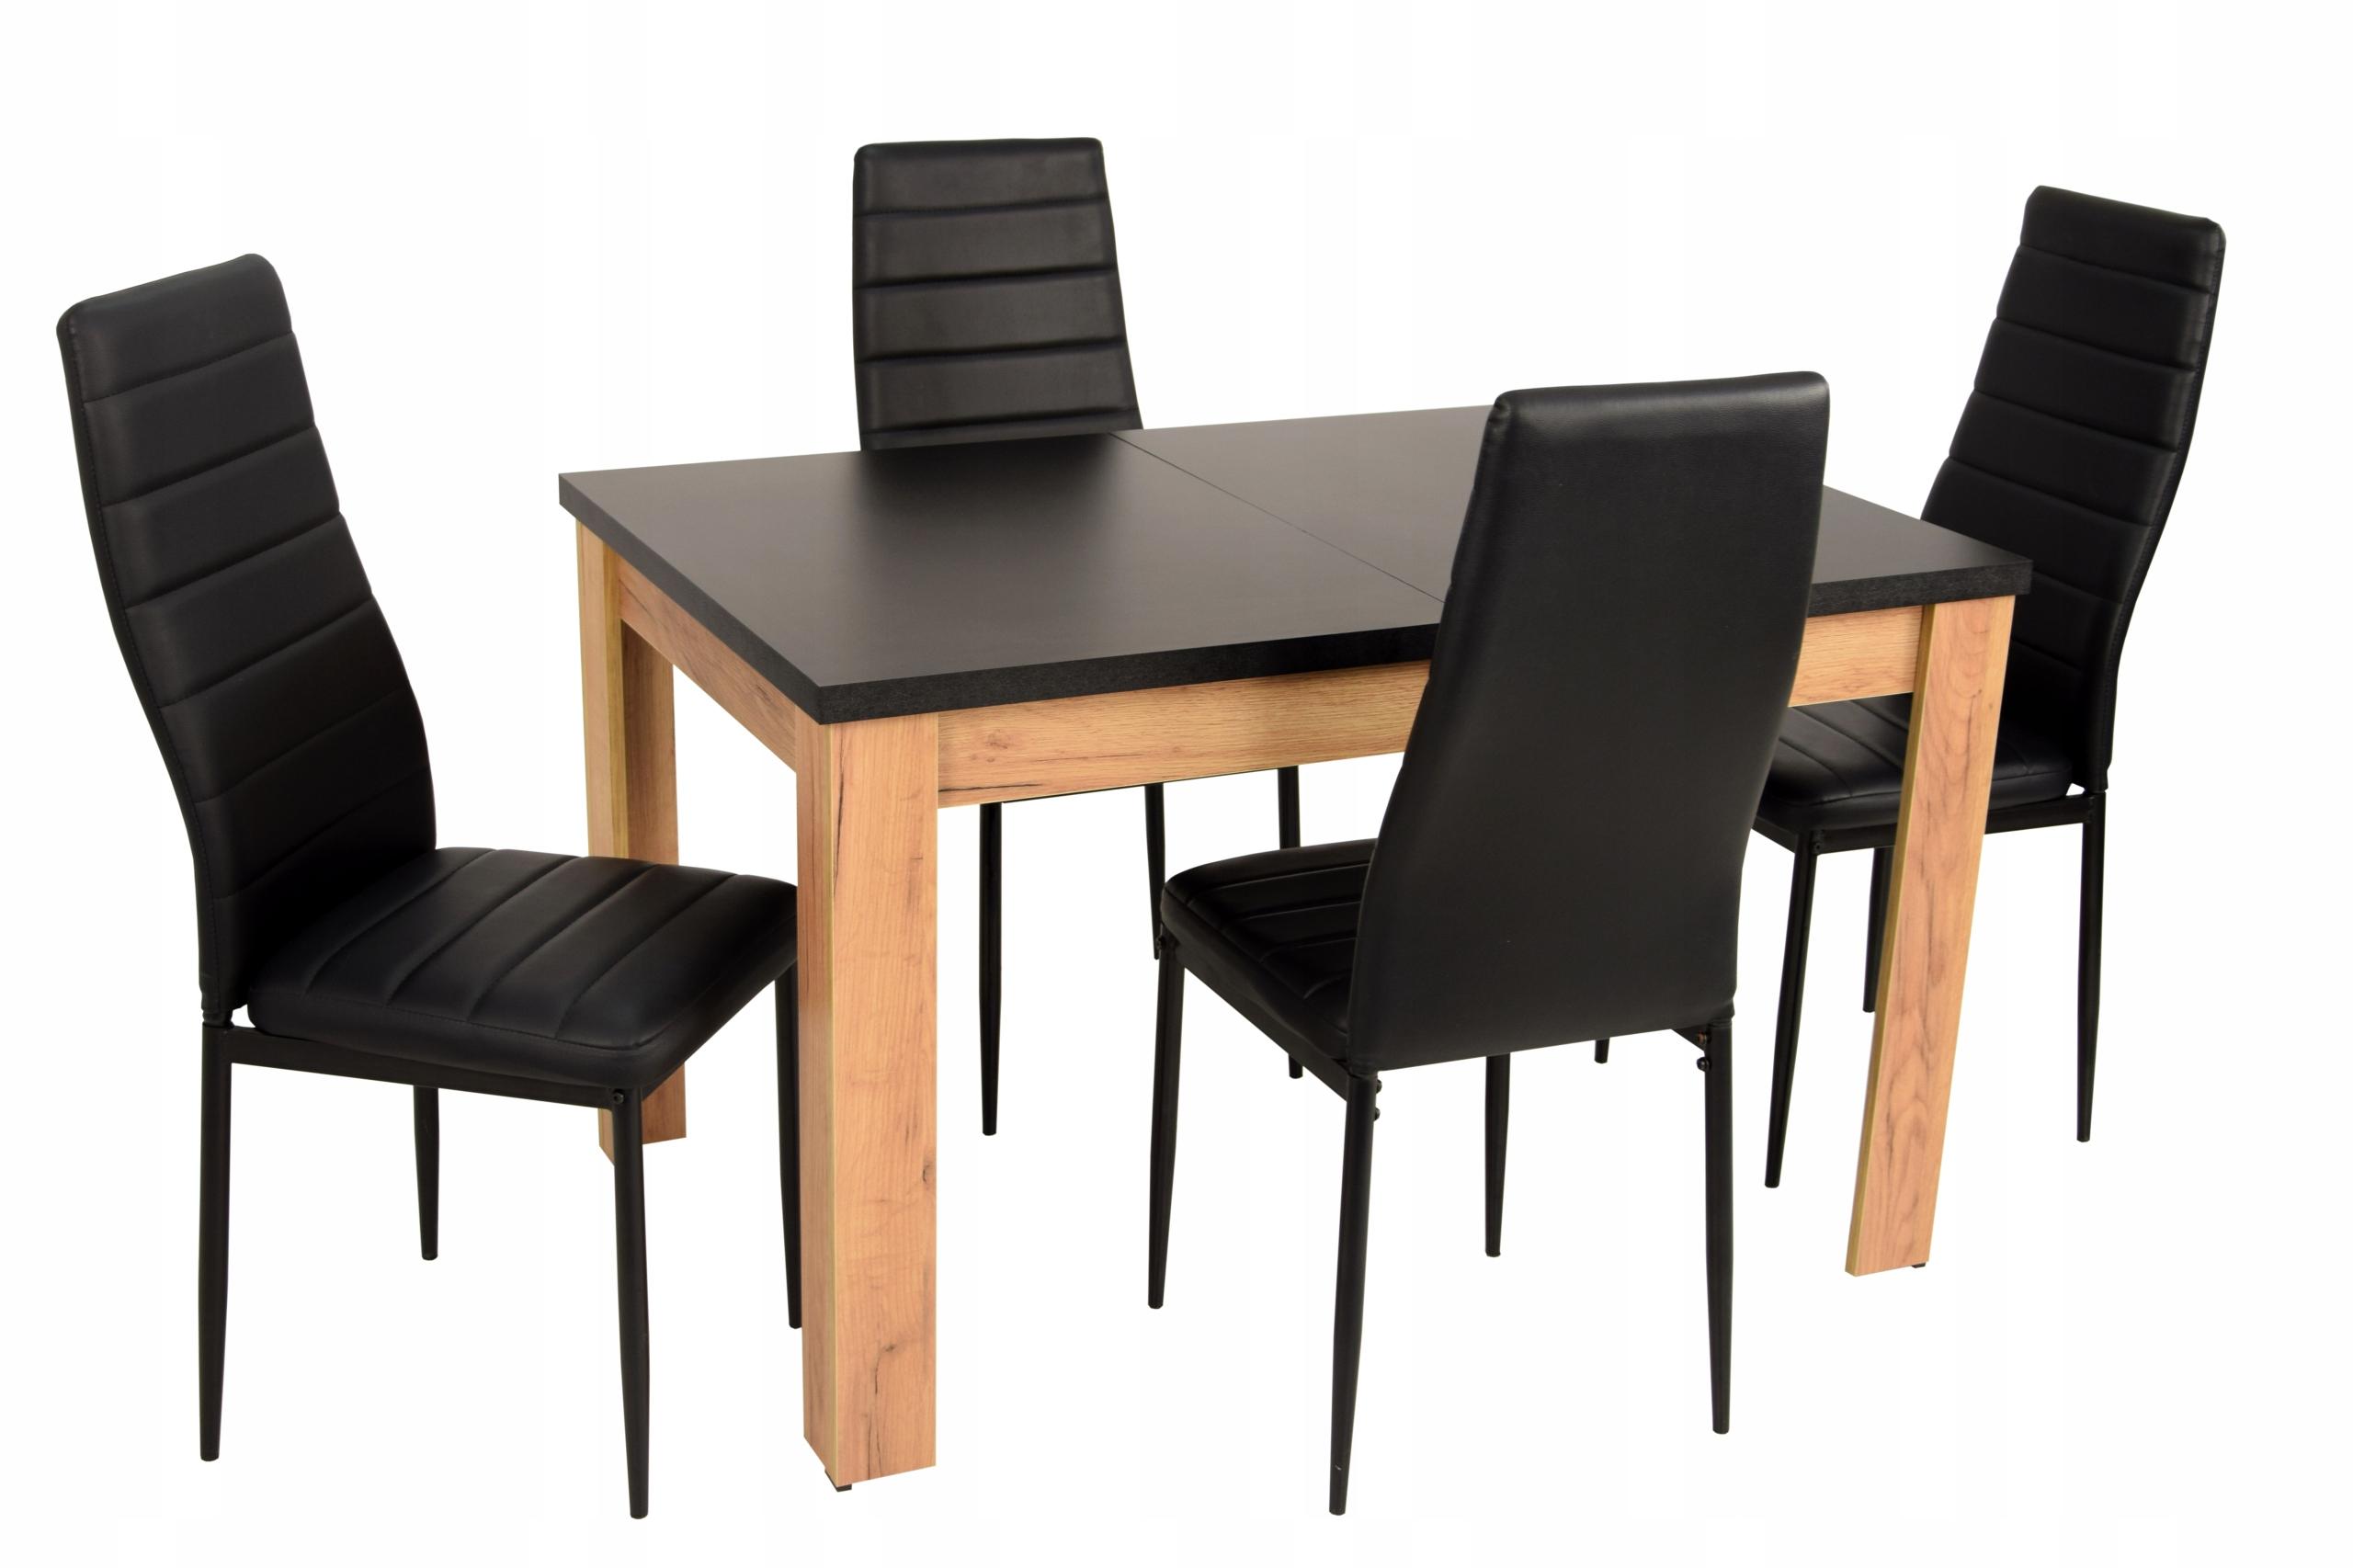 Nowoczesny zestaw Czarny Dąb stół 120 i 4 krzesła